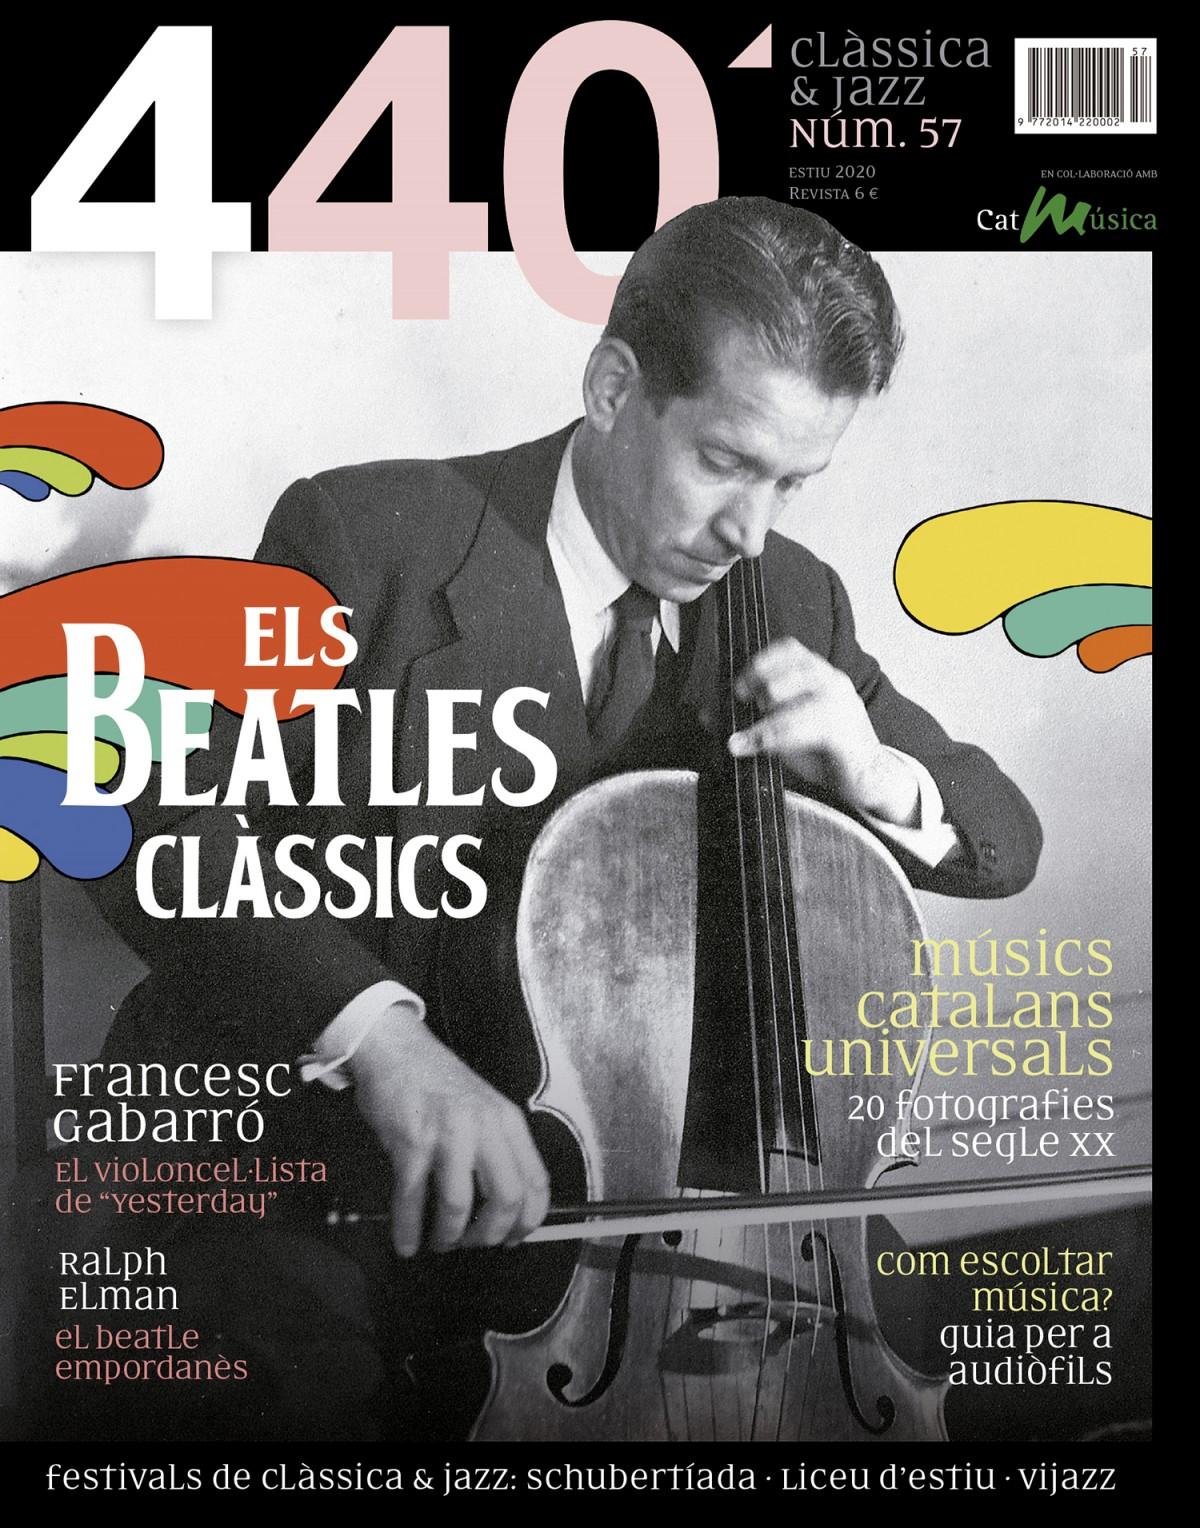 Portada de 440Clàssica&Jazz núm. 57